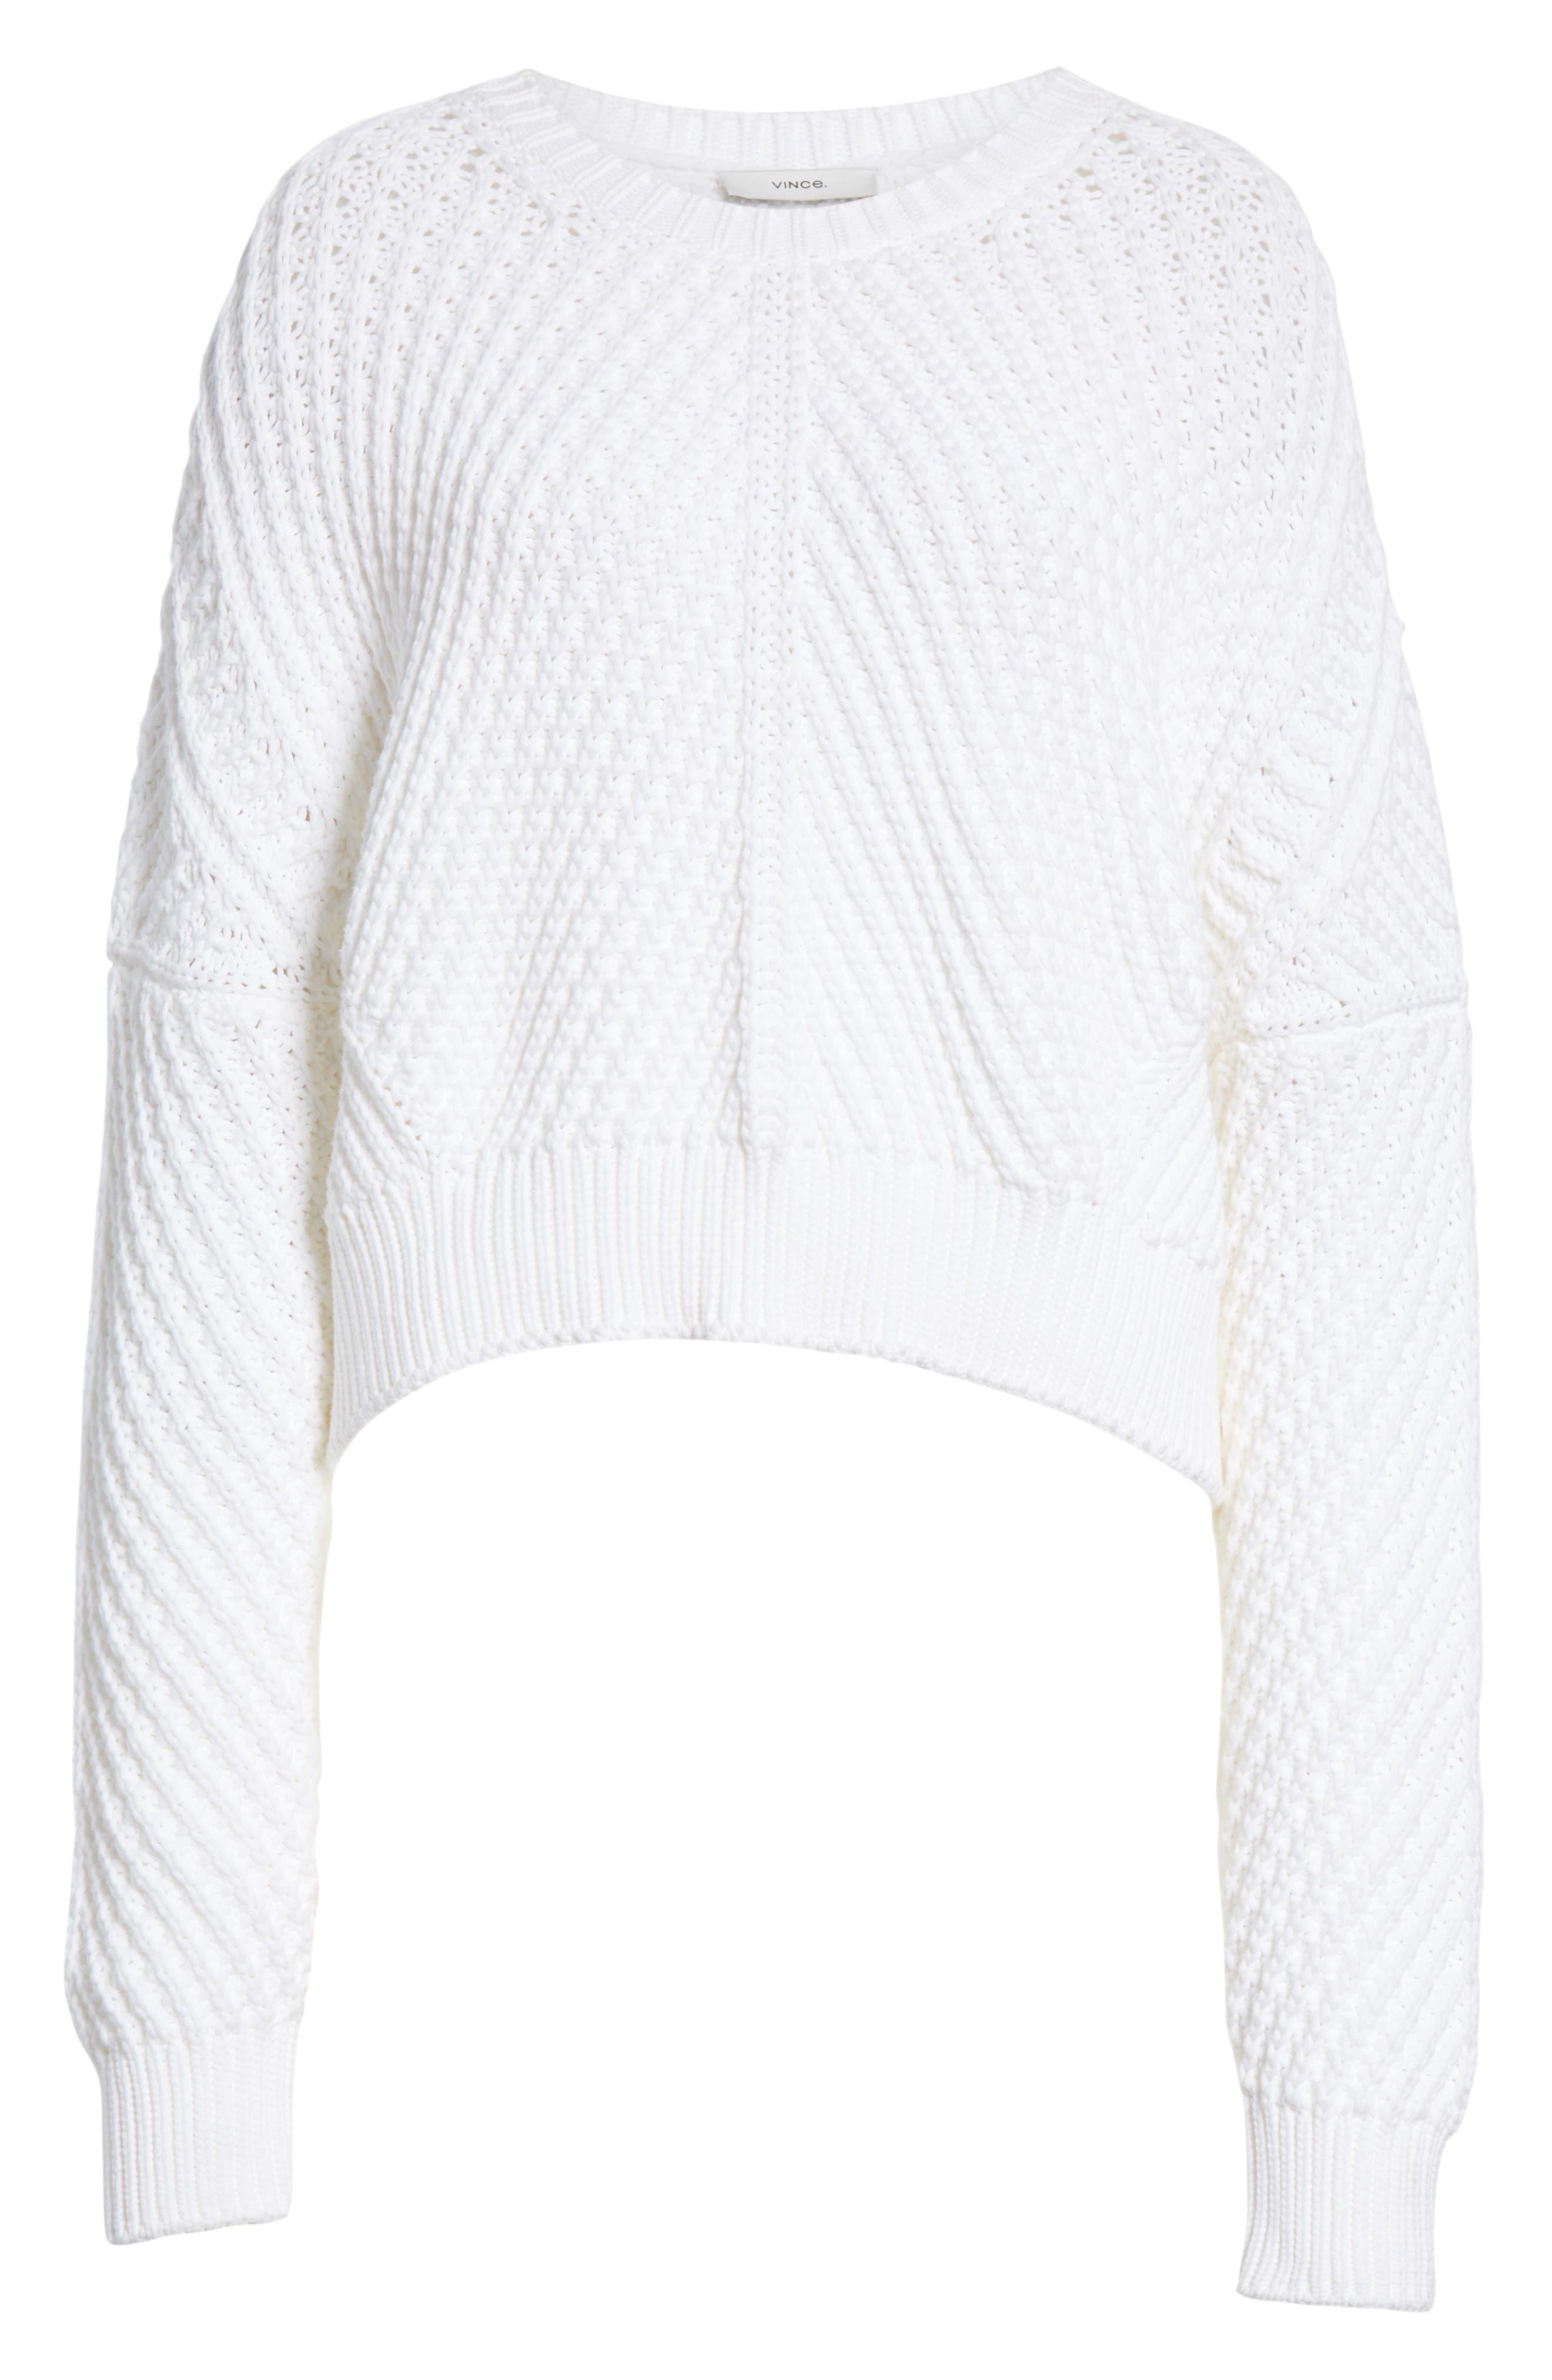 VINCE, Rib Knit Sweater, Alternate thumbnail 6, color, OPTIC WHITE